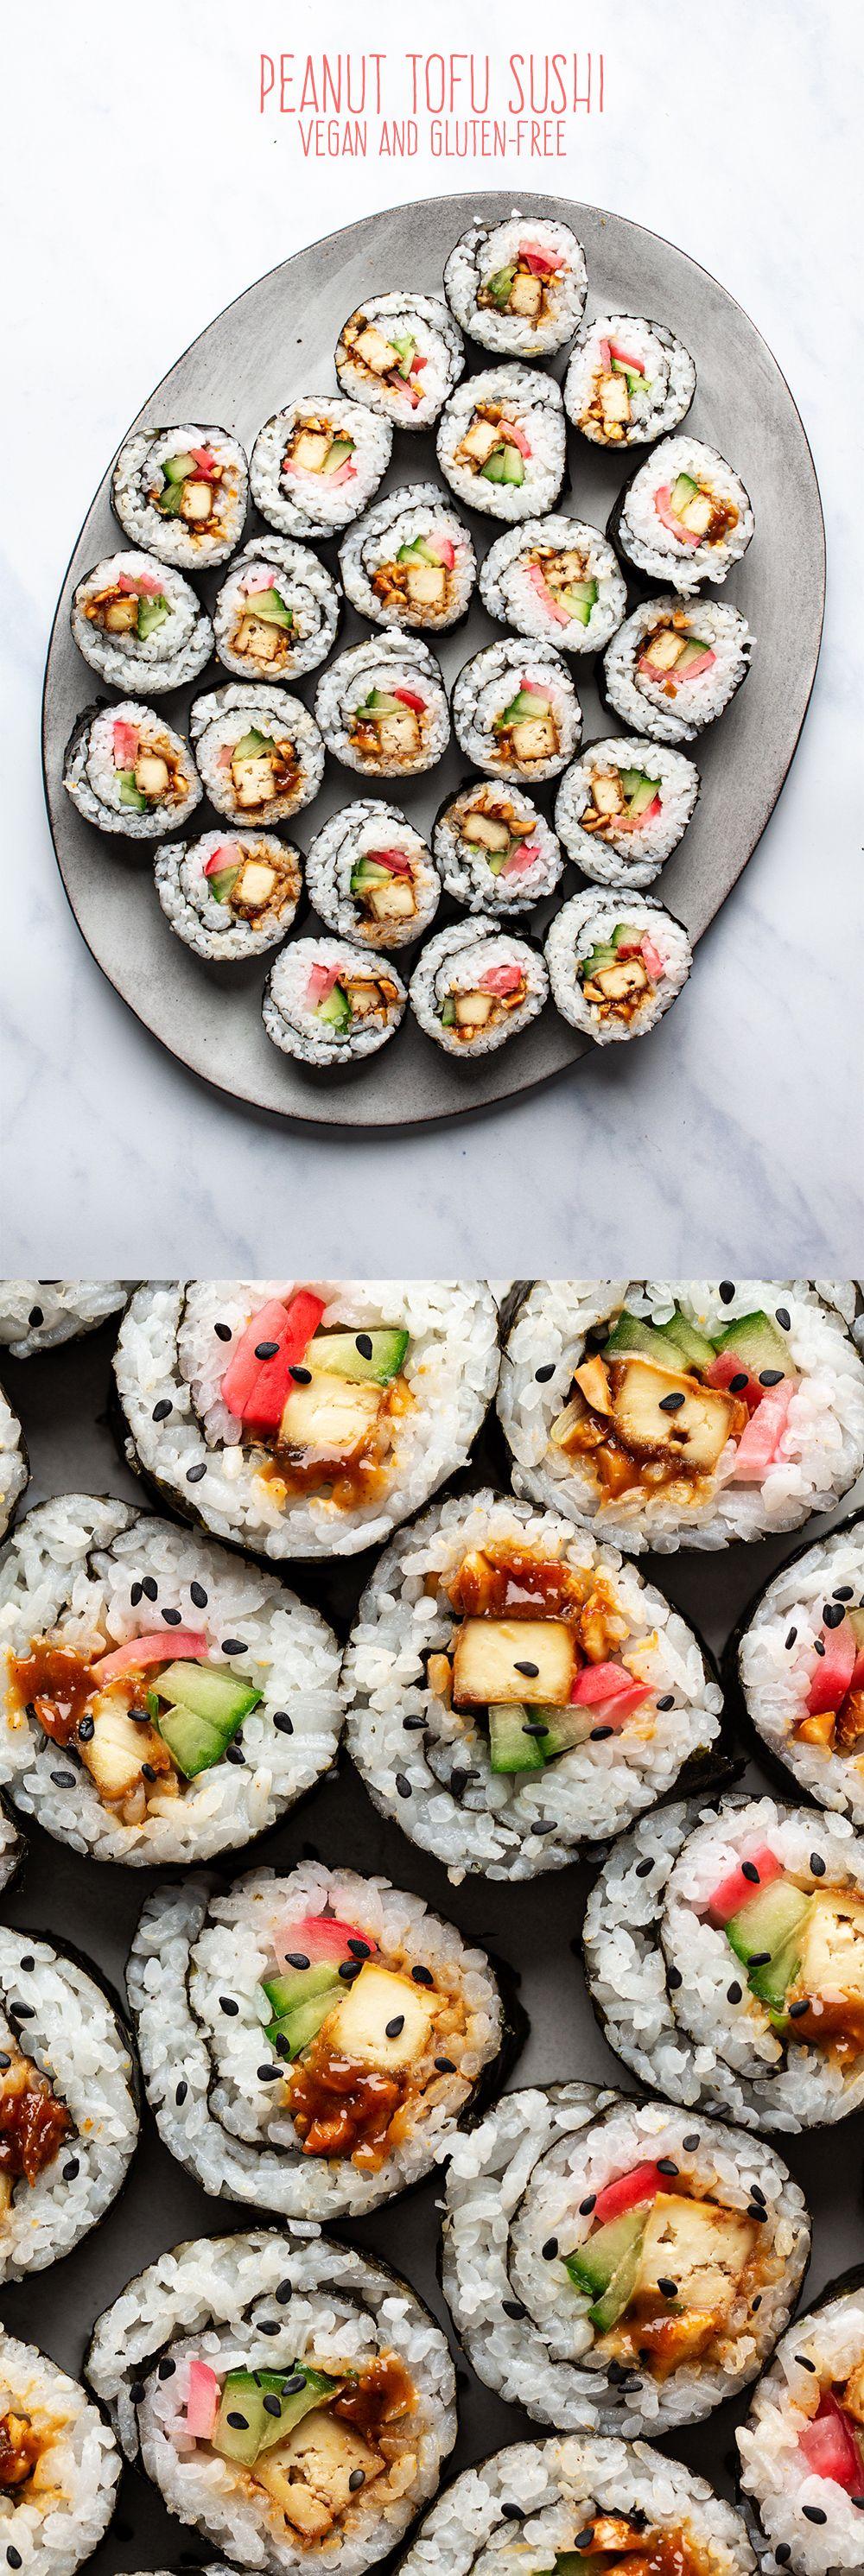 Peanut tofu sushi